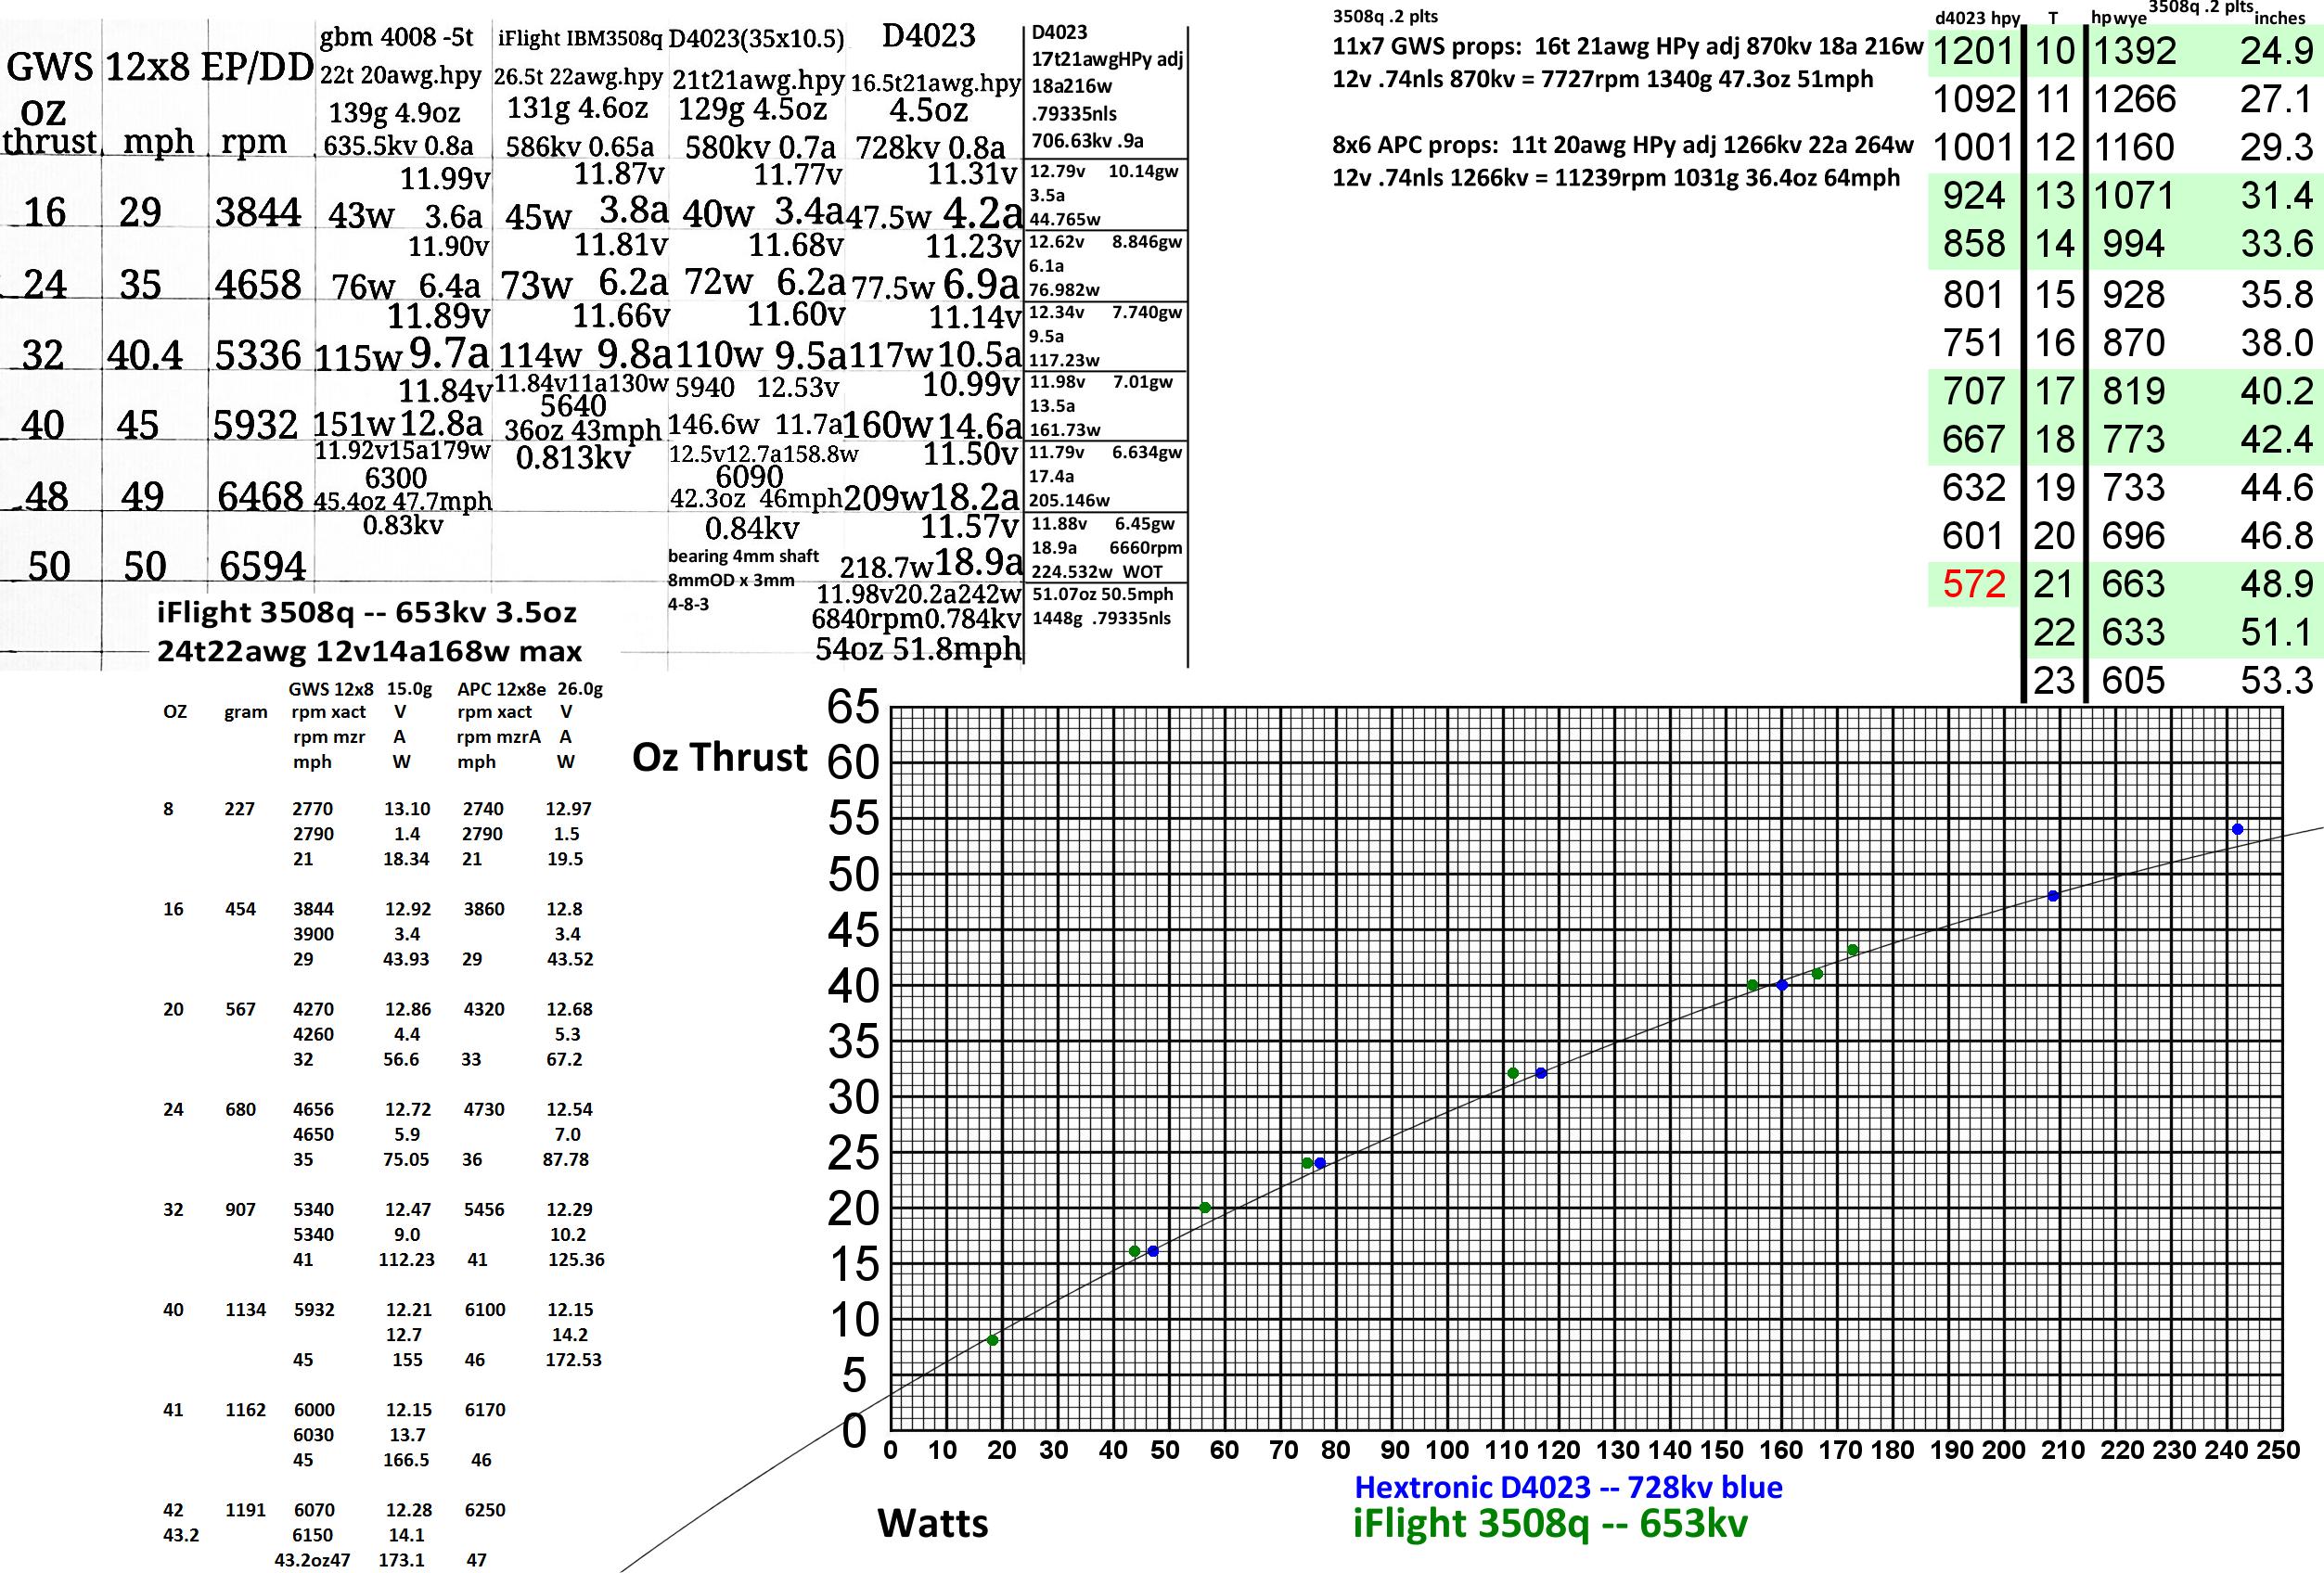 D4023--728kv and iFlight 3508q--653kv graf 11.png